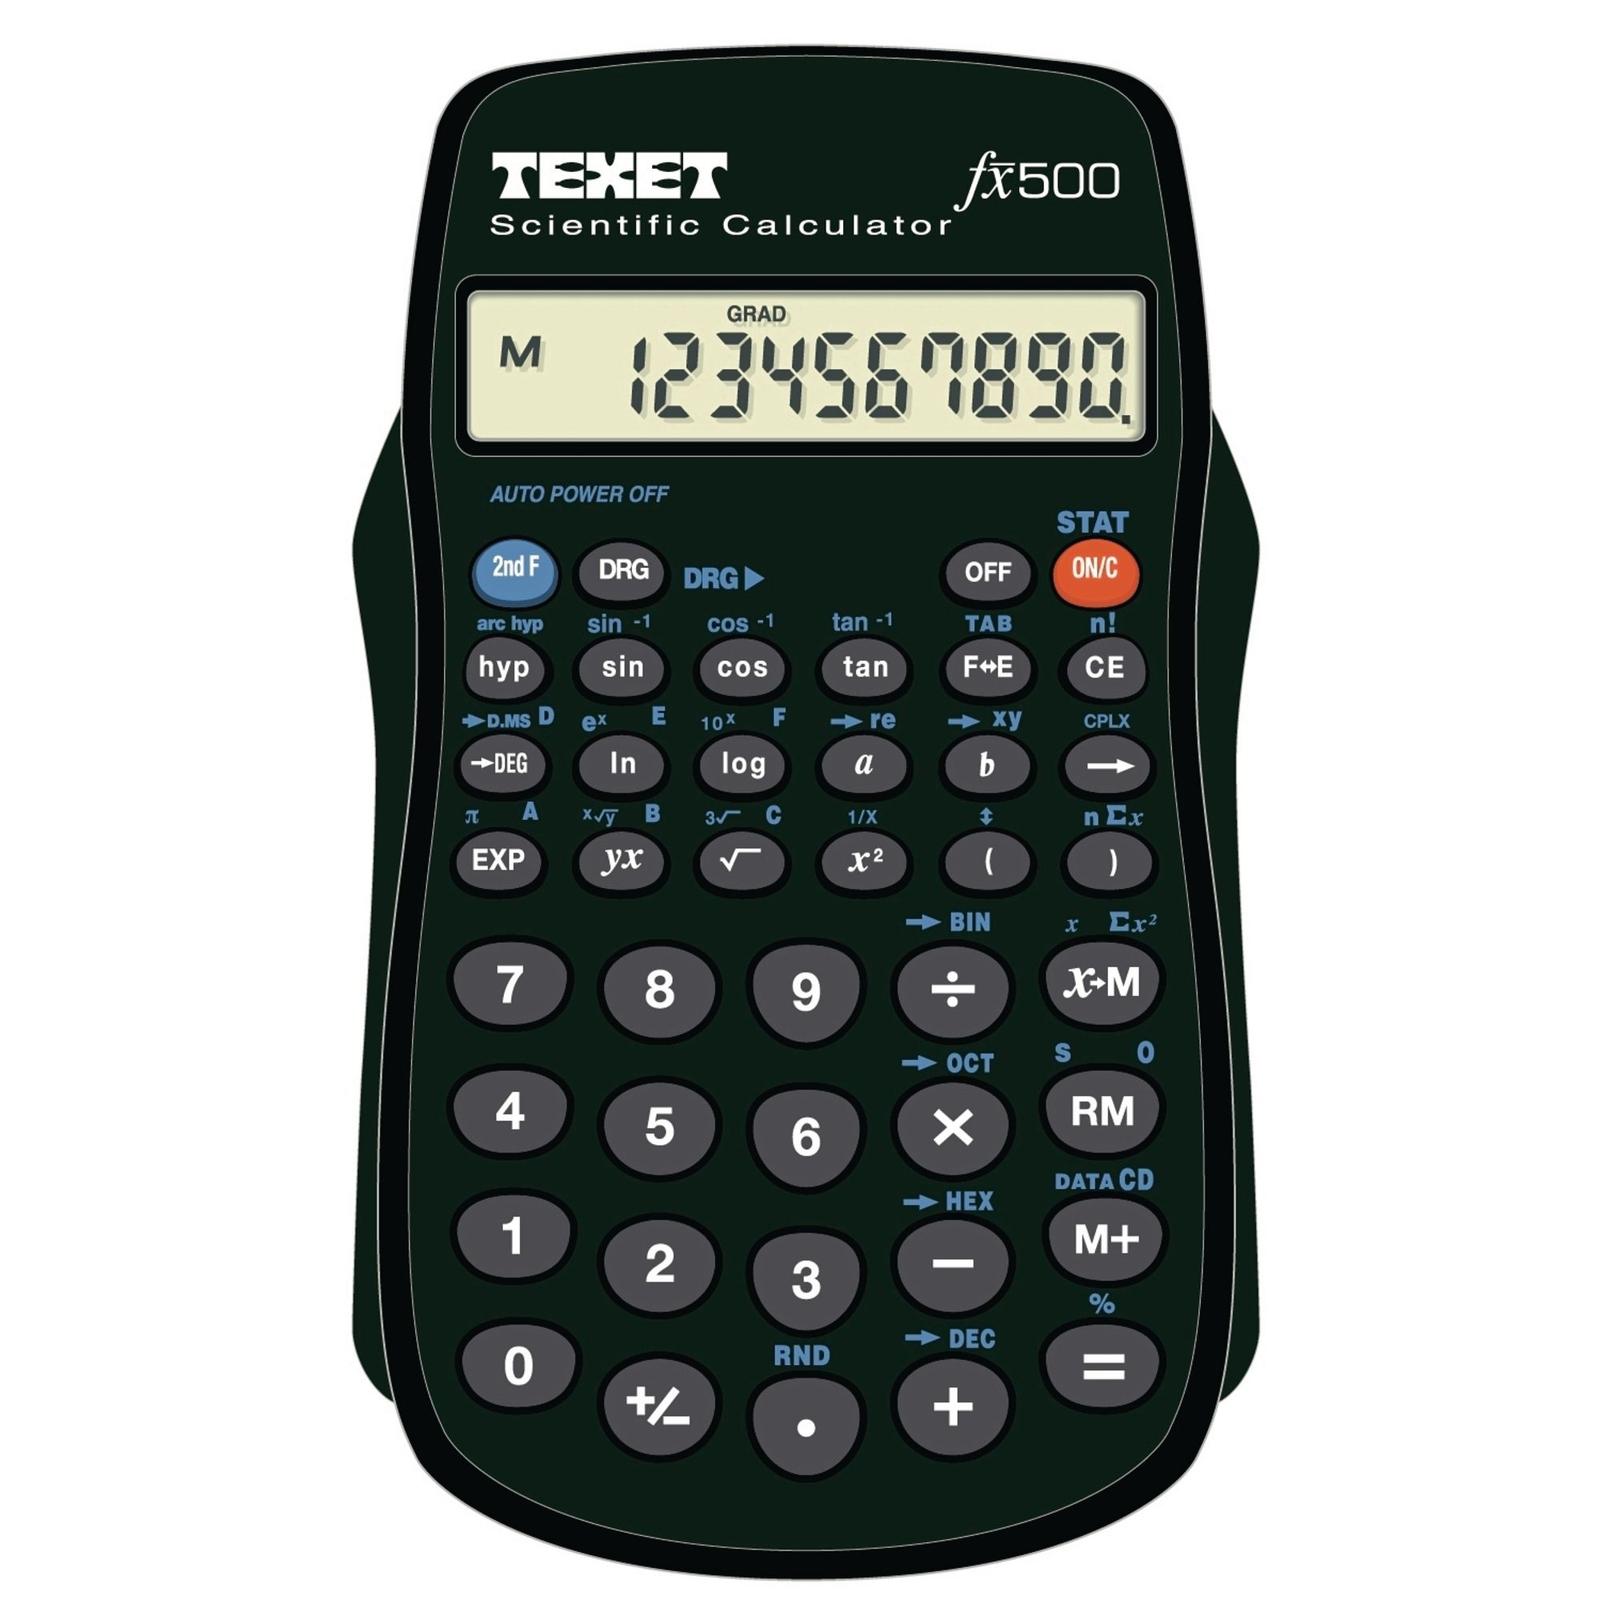 Texet FX500 Scientific Calculator